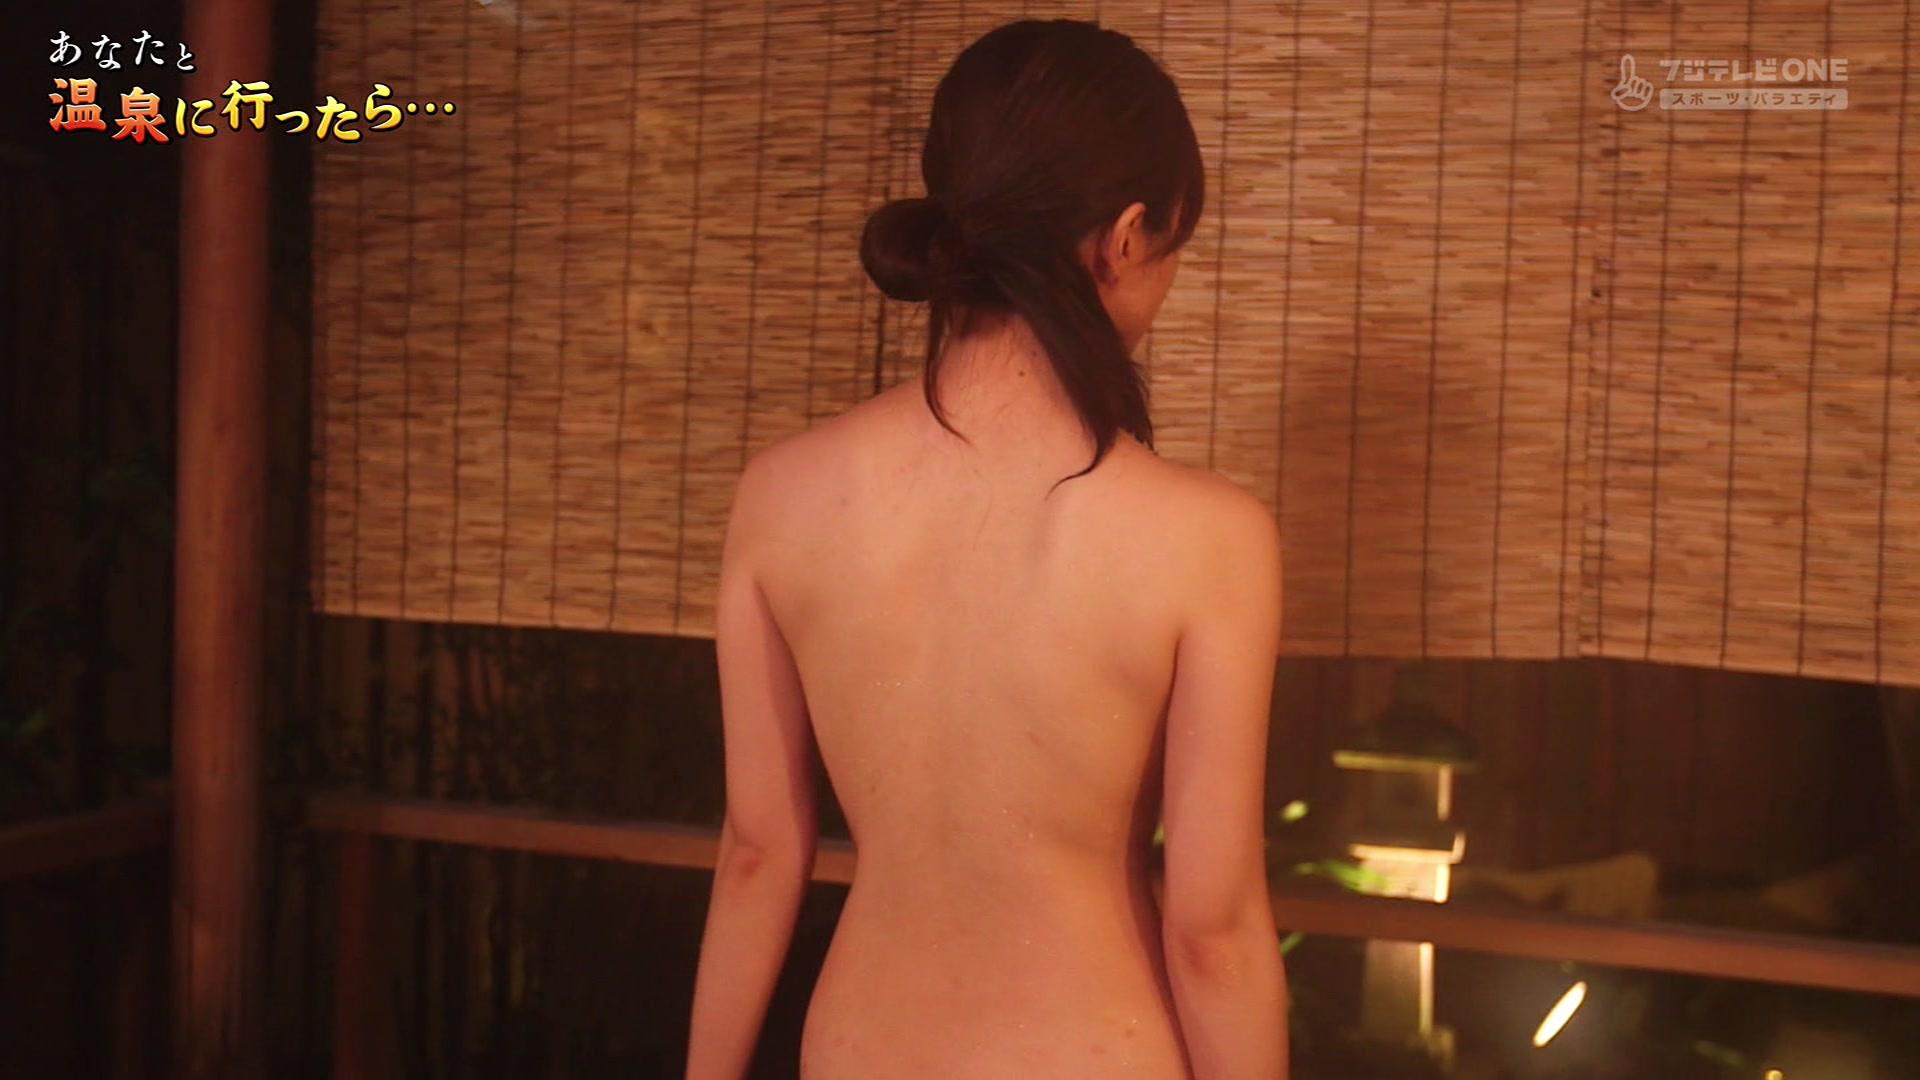 CSフジテレビONEで放送された「あなたと温泉に行ったら…」♯4のテレビキャプチャー画像-067